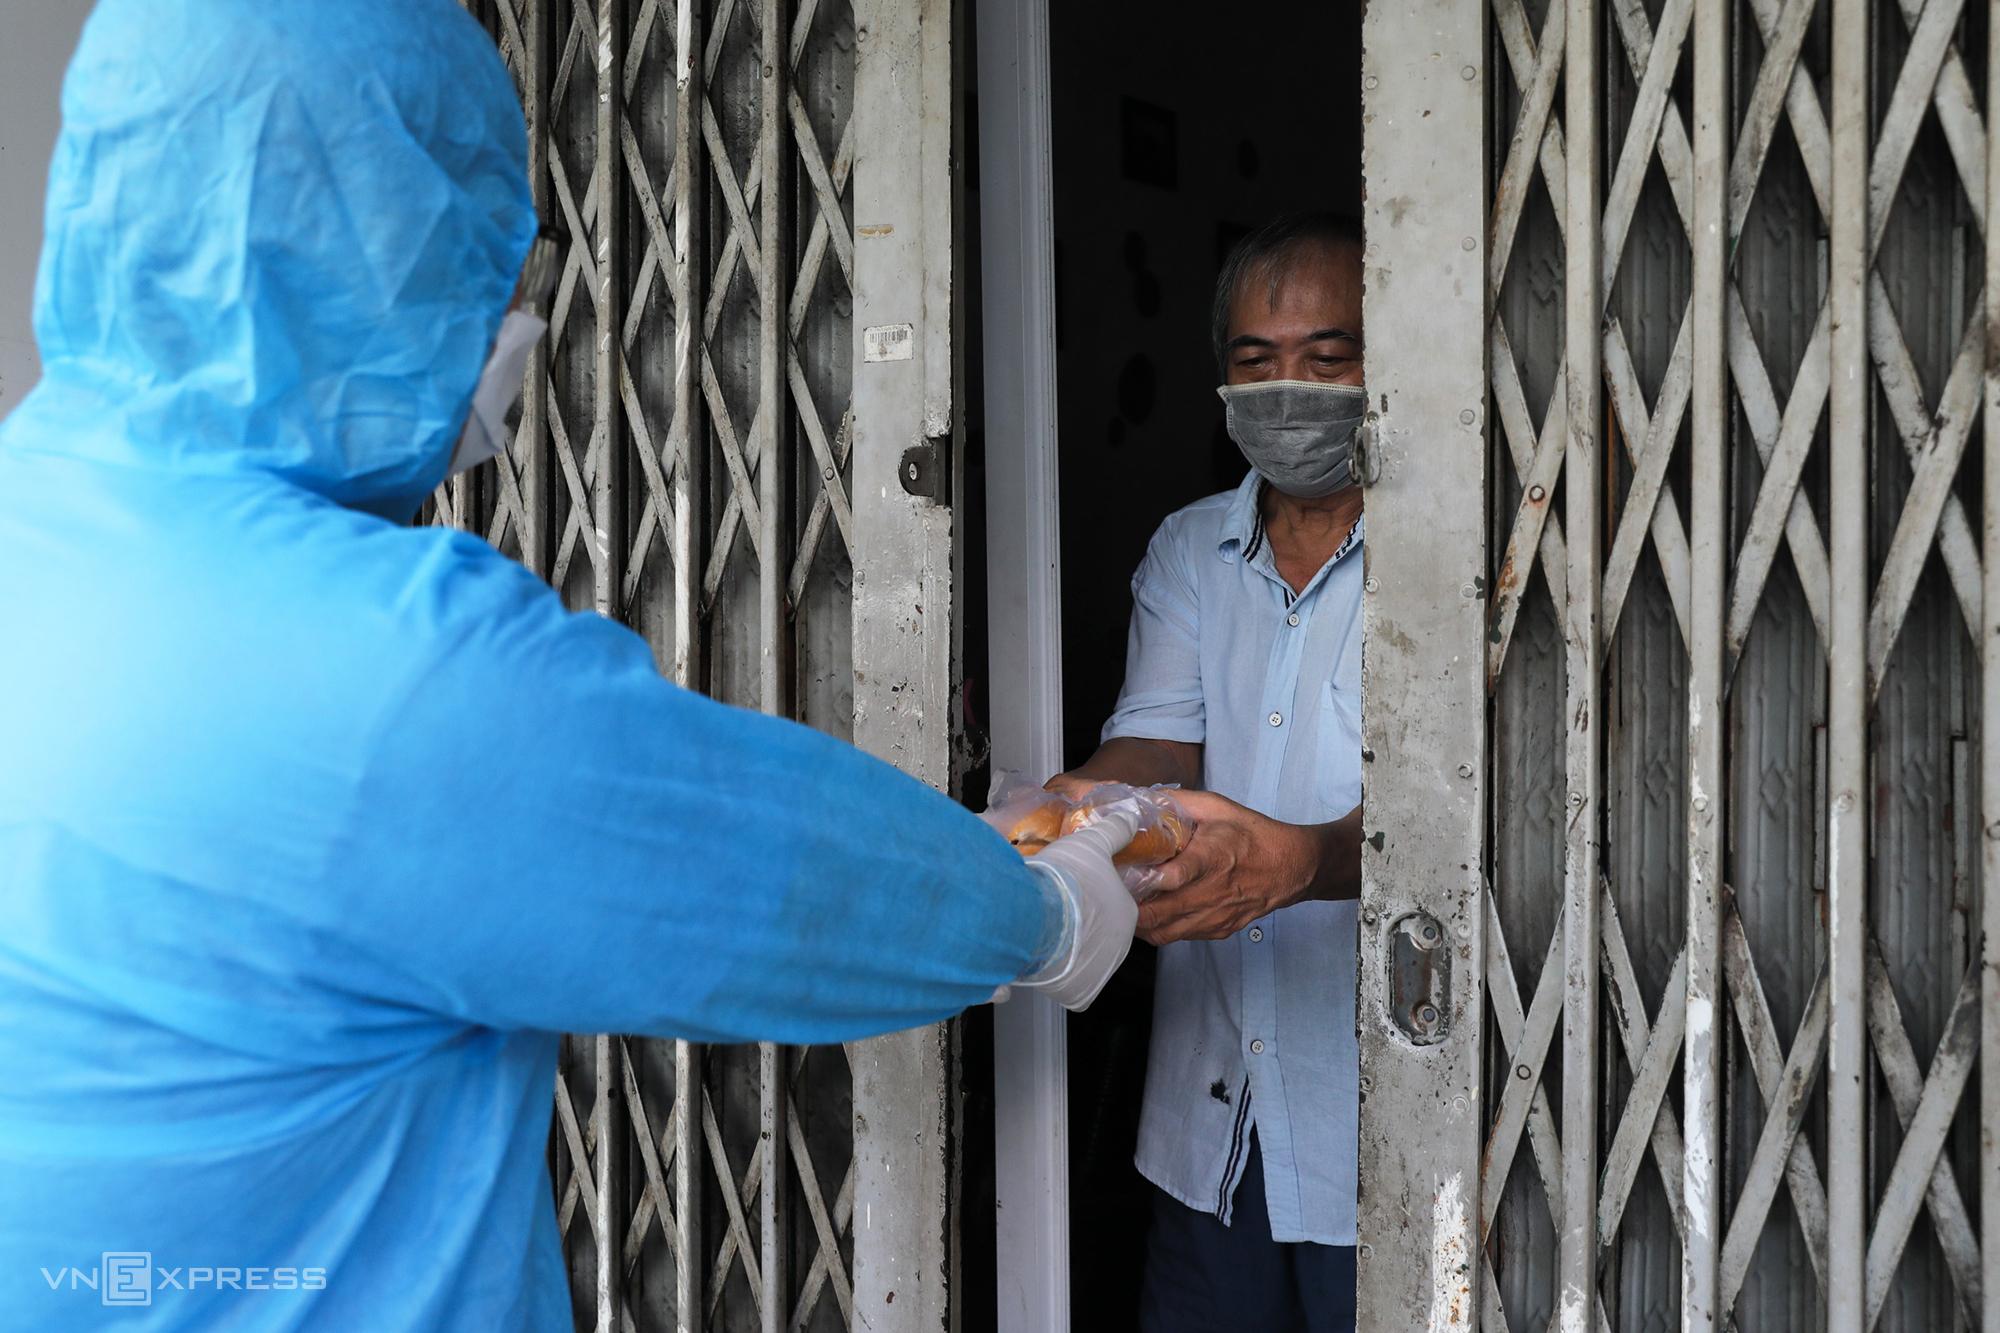 Tình nguyện viên tiếp tế nhu yếu phẩm cho từng nhà trong khu phong toả trên đường Vườn Chuối (quận 3), ngày 30/7. Ảnh: Quỳnh Trần